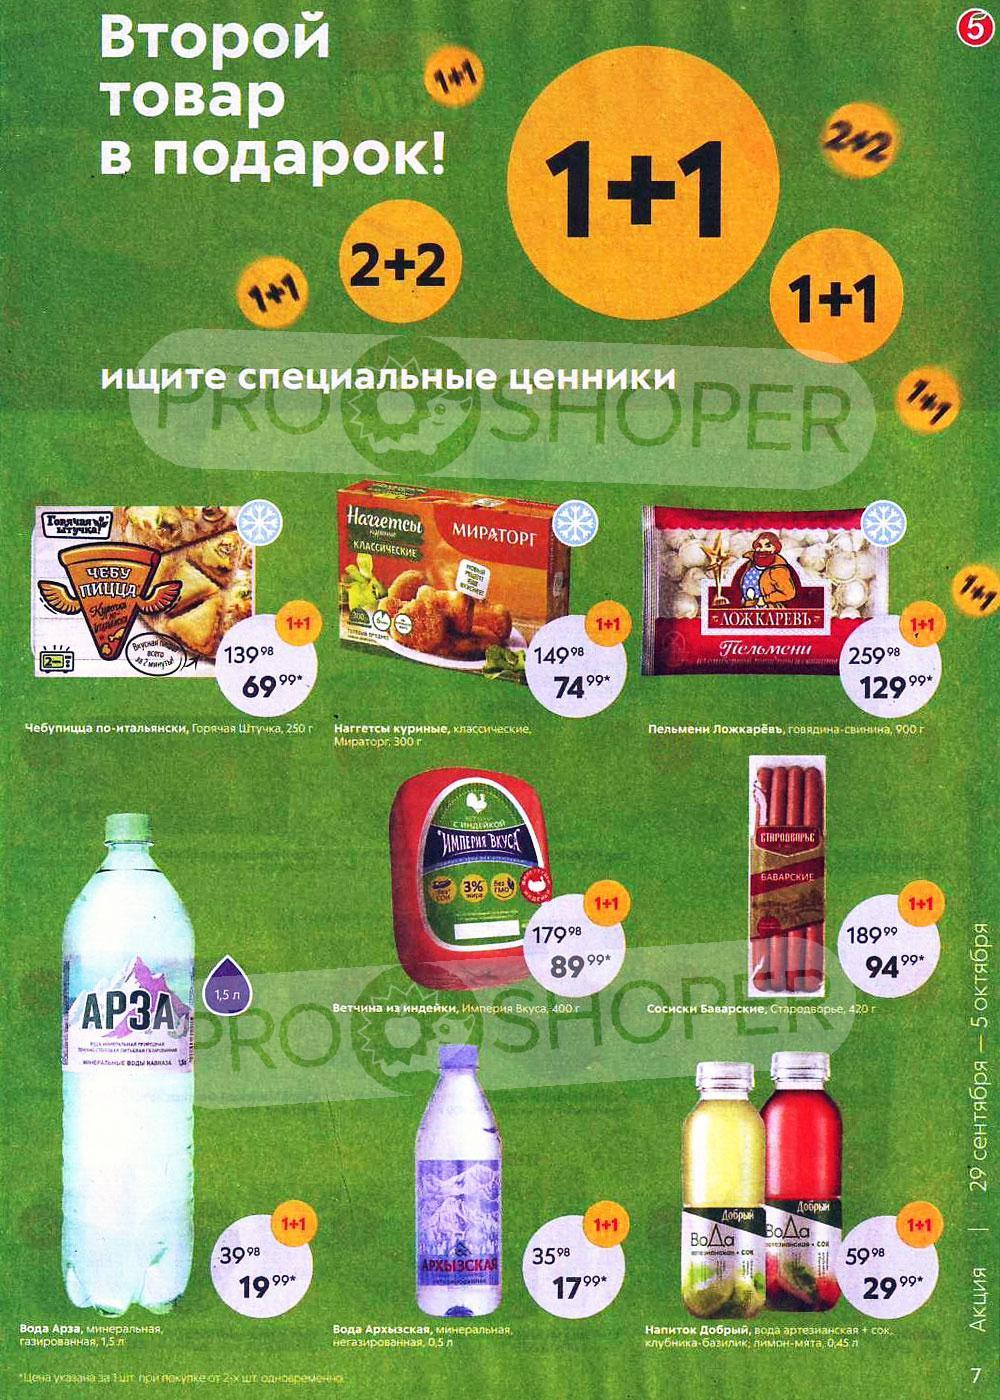 Акции в Пятёрочке с 29 сентября по 5 октября 2020 года